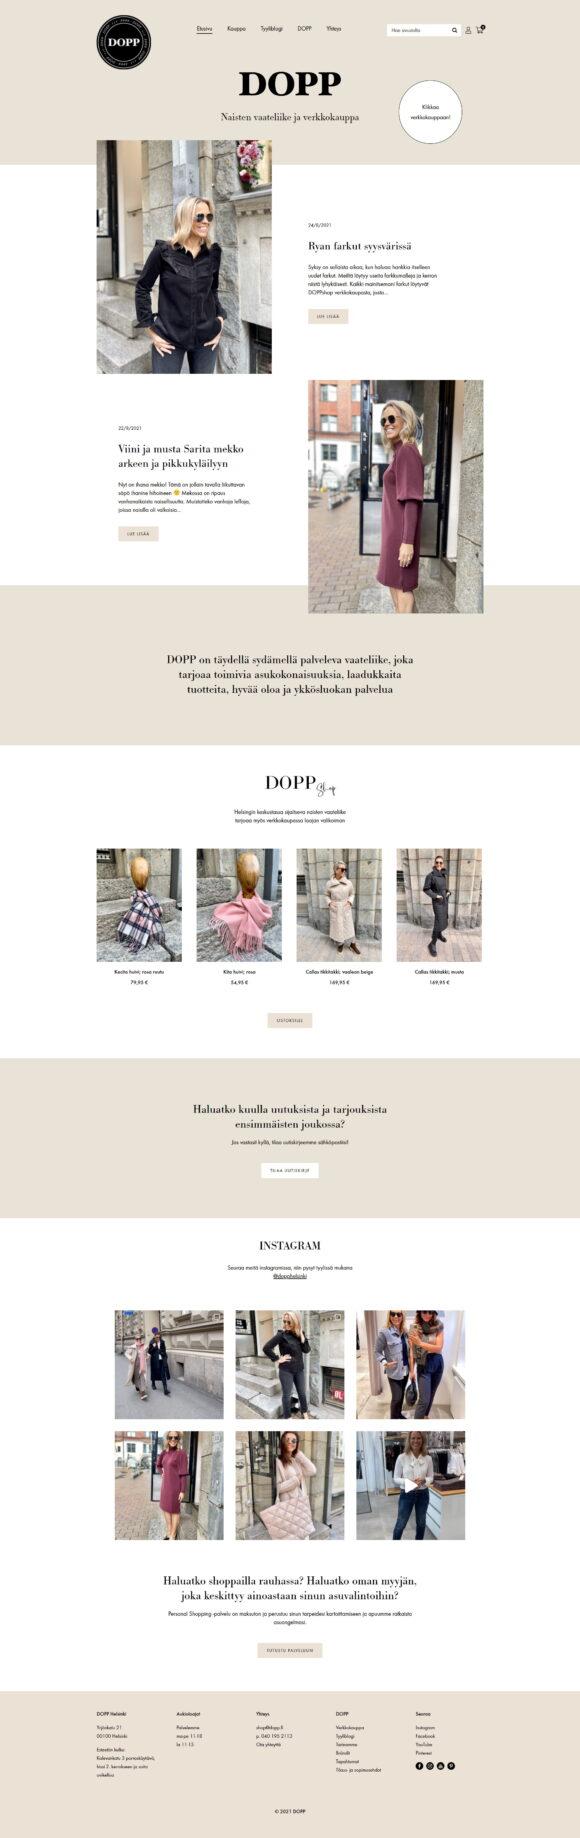 WooCommerce-verkkokauppa: DOPP vaateliike ja tyyliblogi, etusivu - Mediakumpu